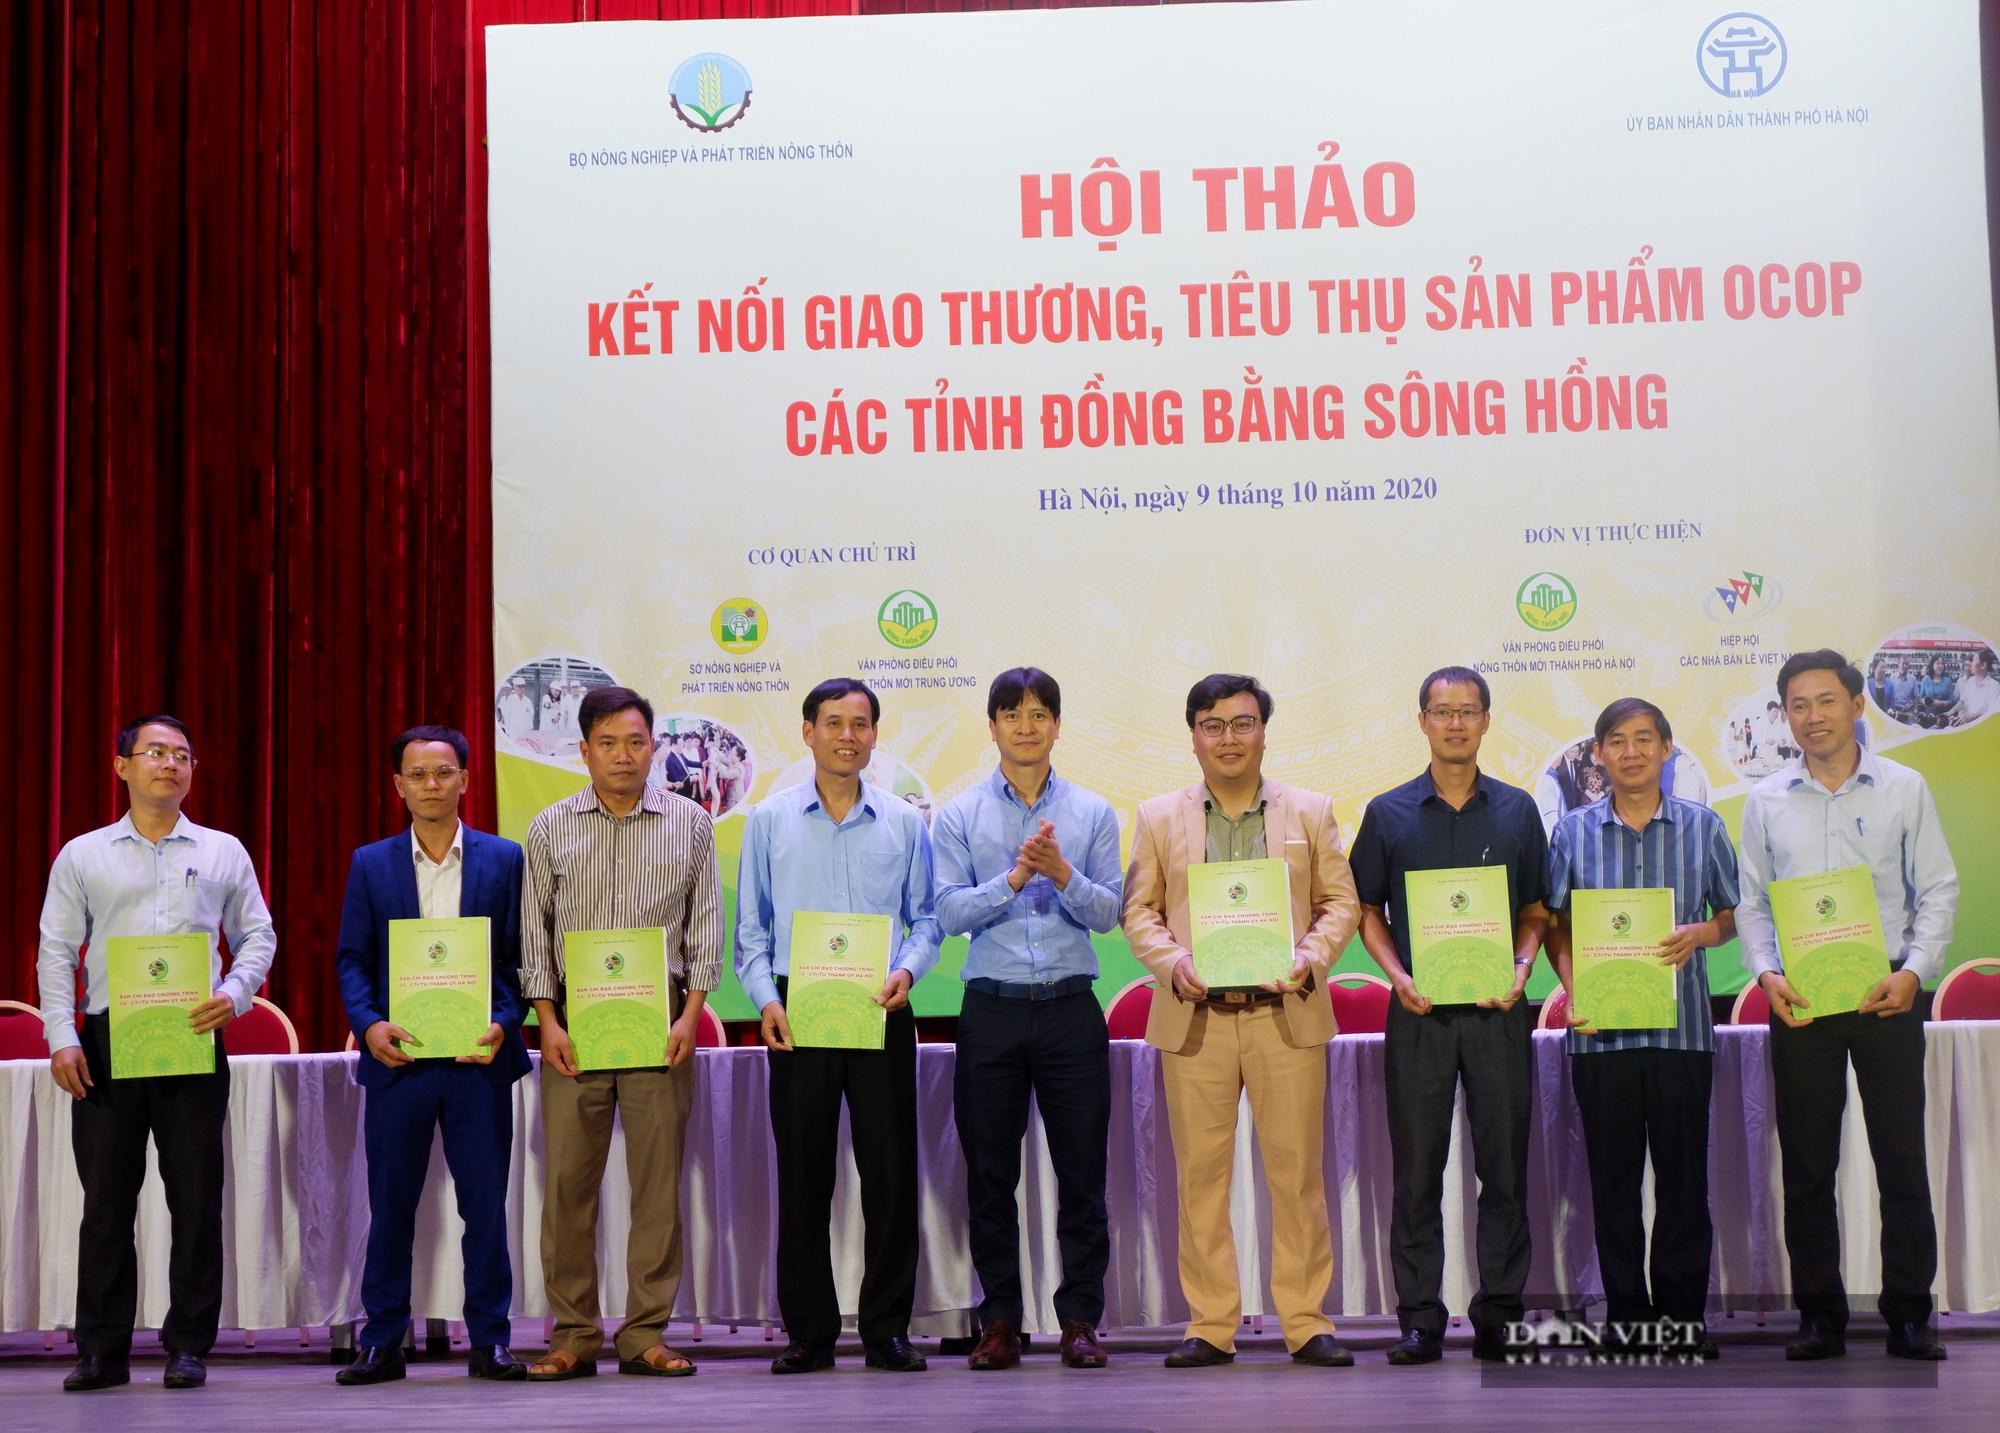 Hà Nội: Quy tụ hàng nghìn sản phẩm nông sản đặc sắc, chỉ toàn là đặc sản, người dân Thủ đô hài lòng - Ảnh 7.